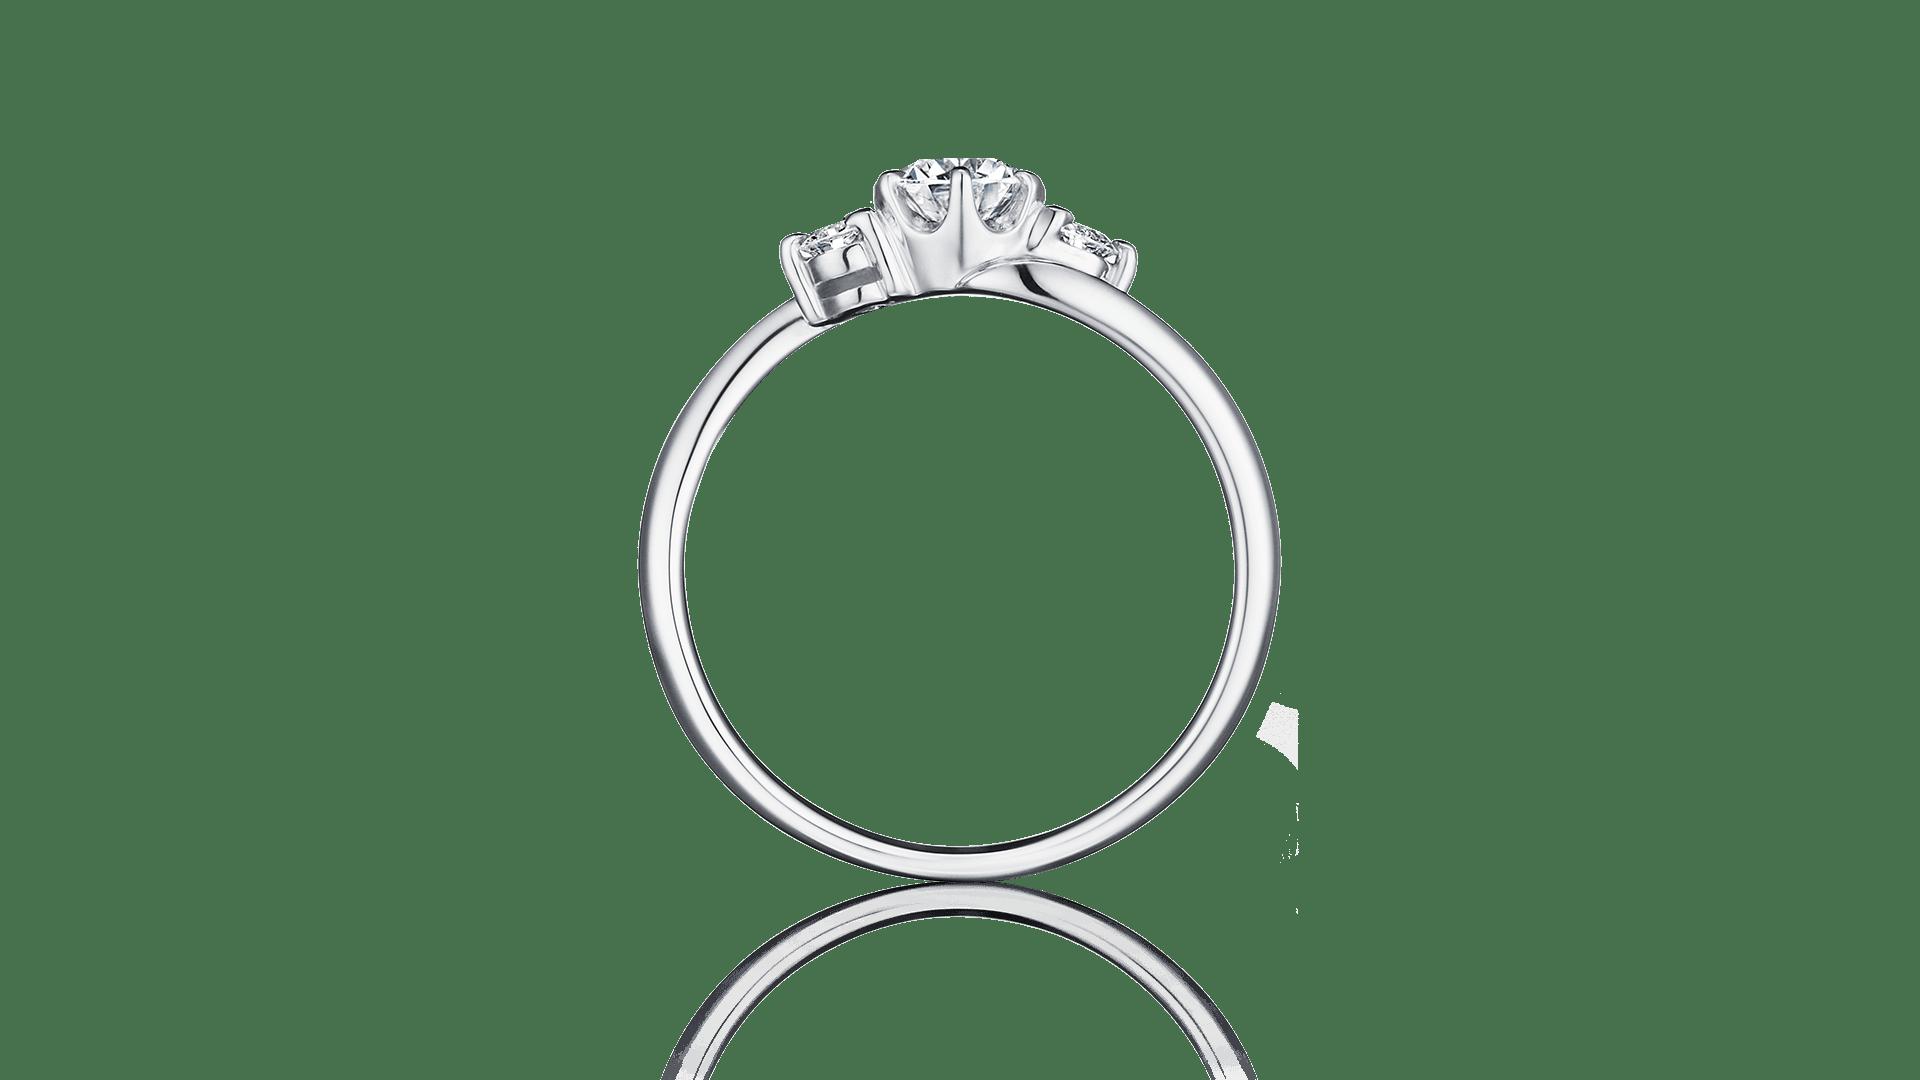 mekalina メカリナ | 婚約指輪サムネイル 2